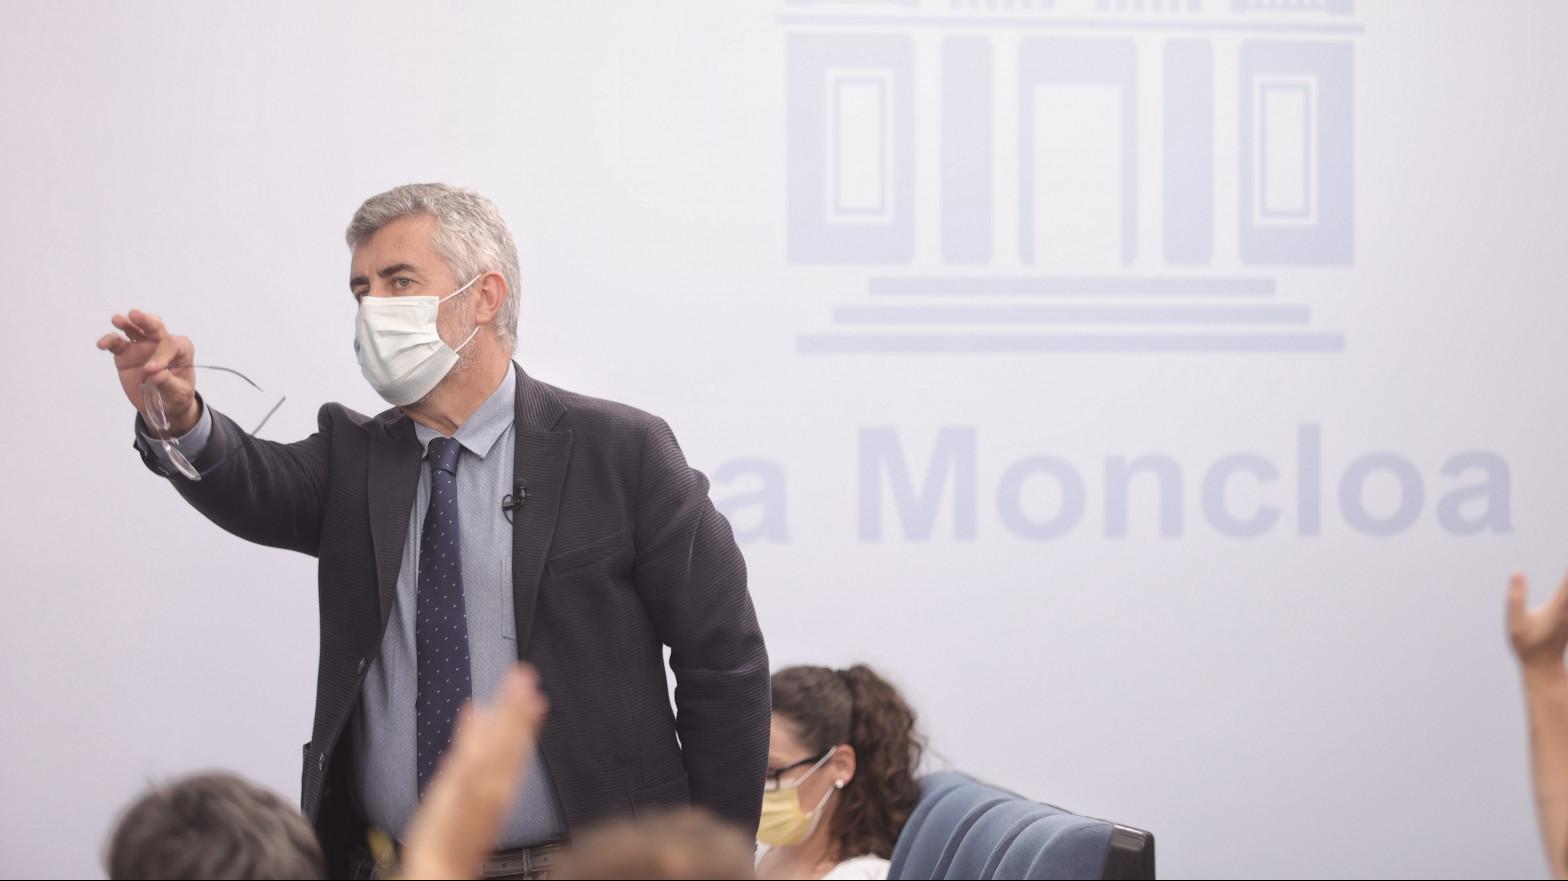 """El extraño adiós del 'dircom' de Sánchez: """"Huye de los que están dispuestos a morir por la verdad"""""""